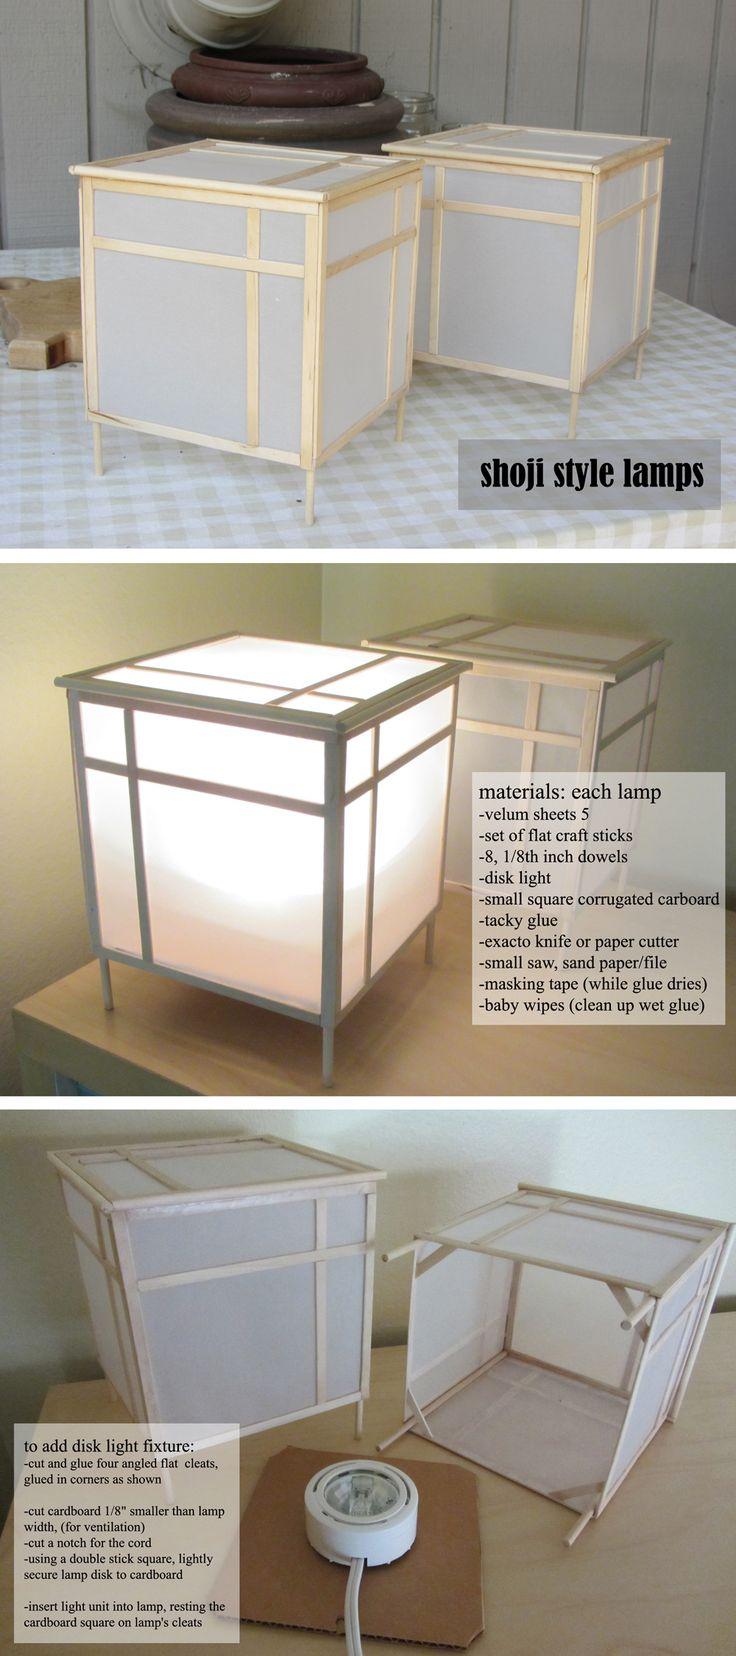 shoji style lamp